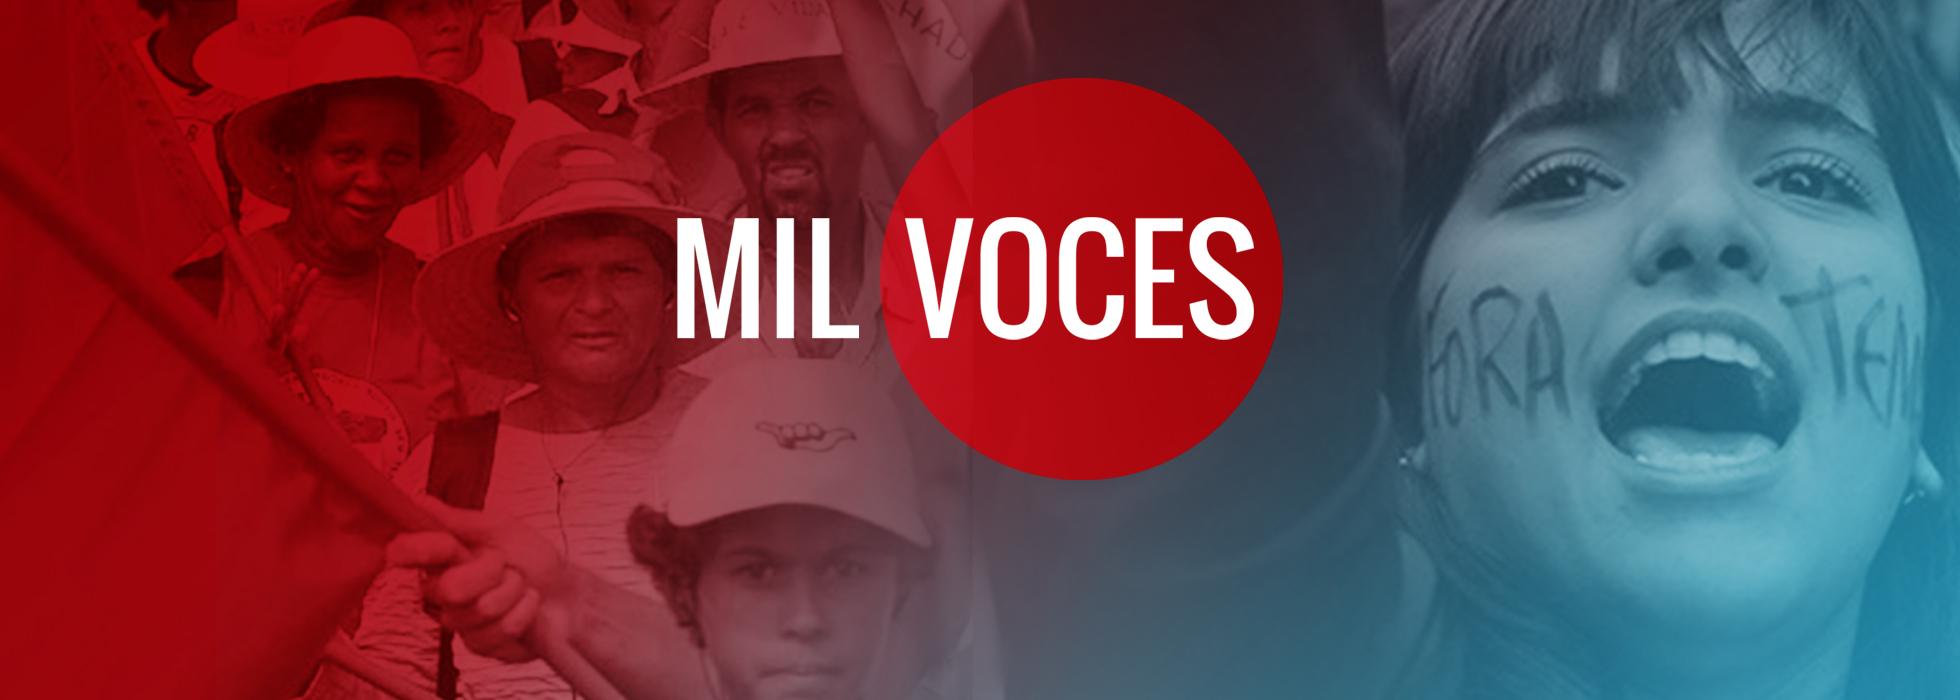 Mil Voces 363